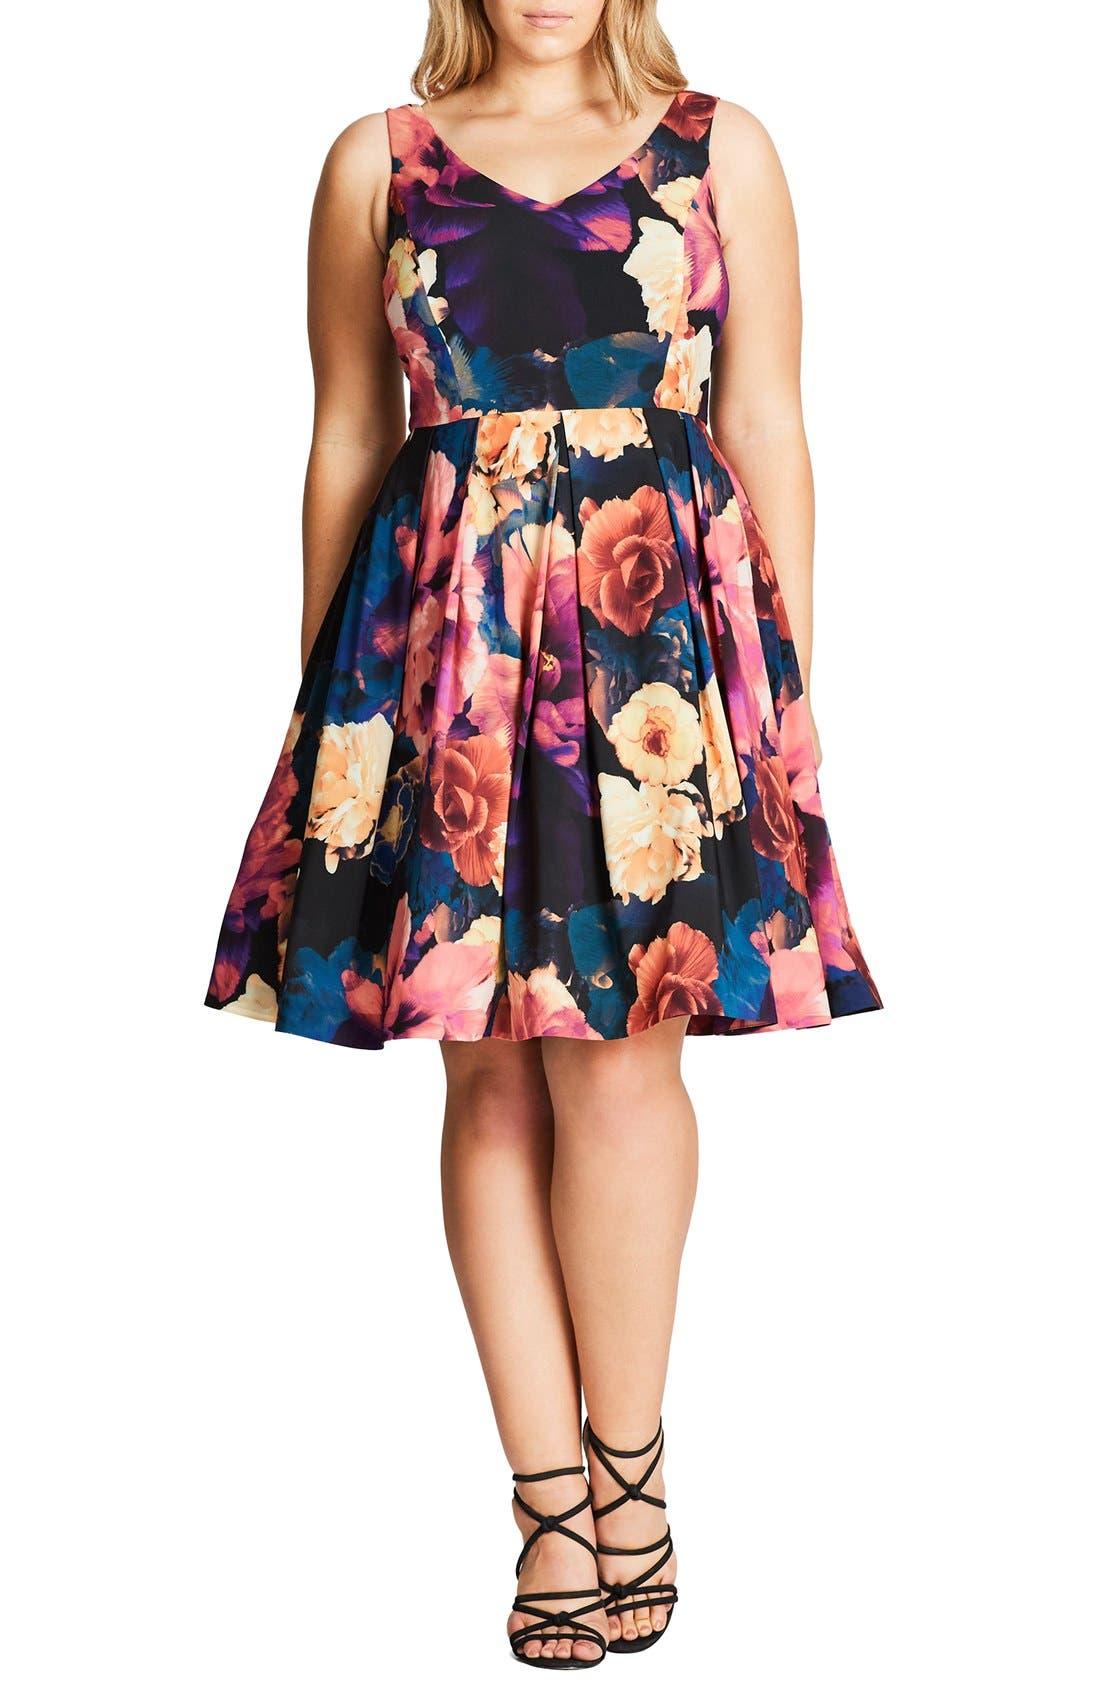 Main Image - City Chic Secret Garden Print Fit & Flare Dress (Plus Size)